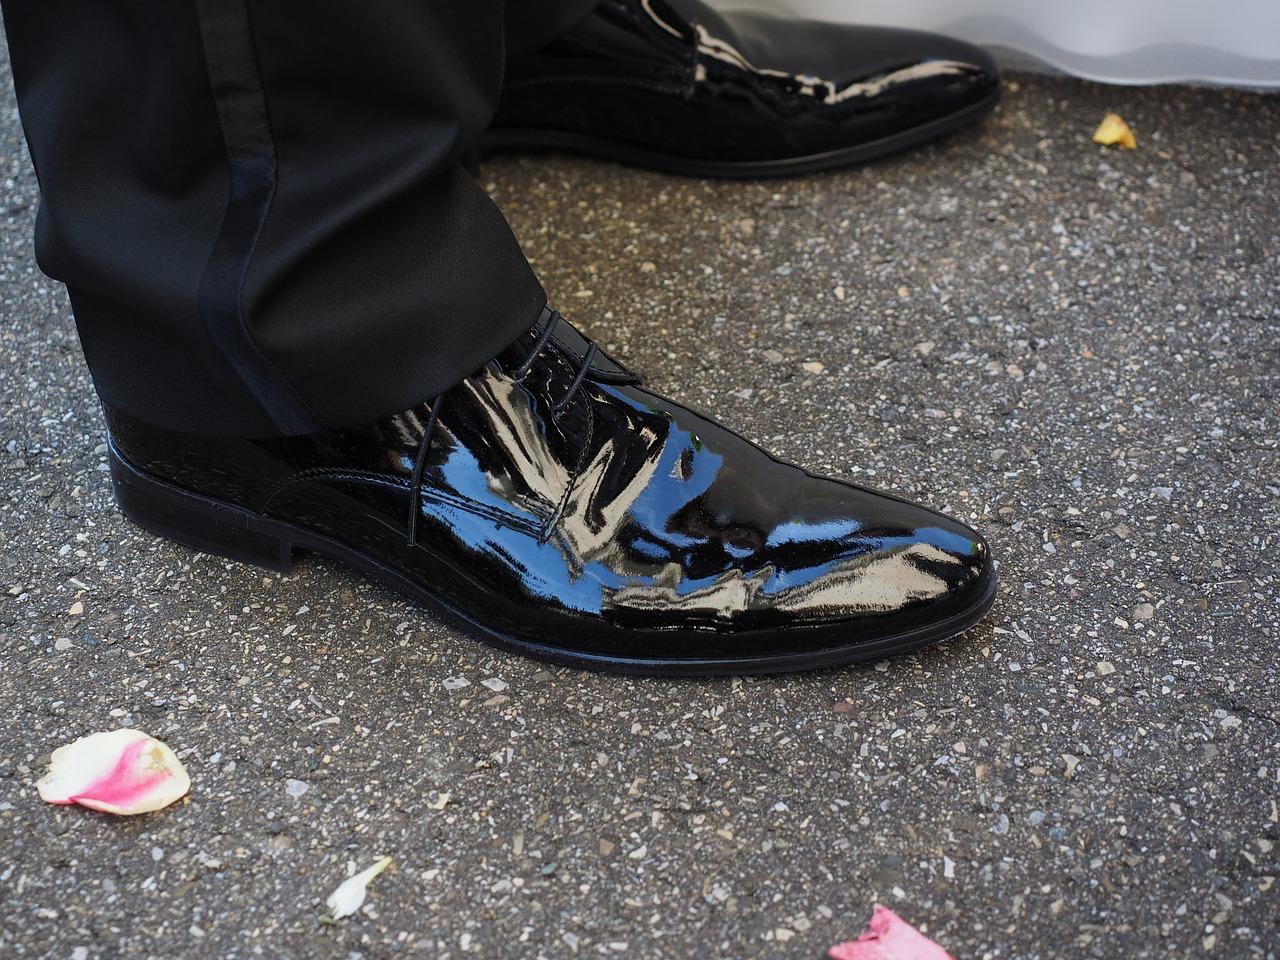 Butlerglanz: Schuhe auf Hochglanz polieren